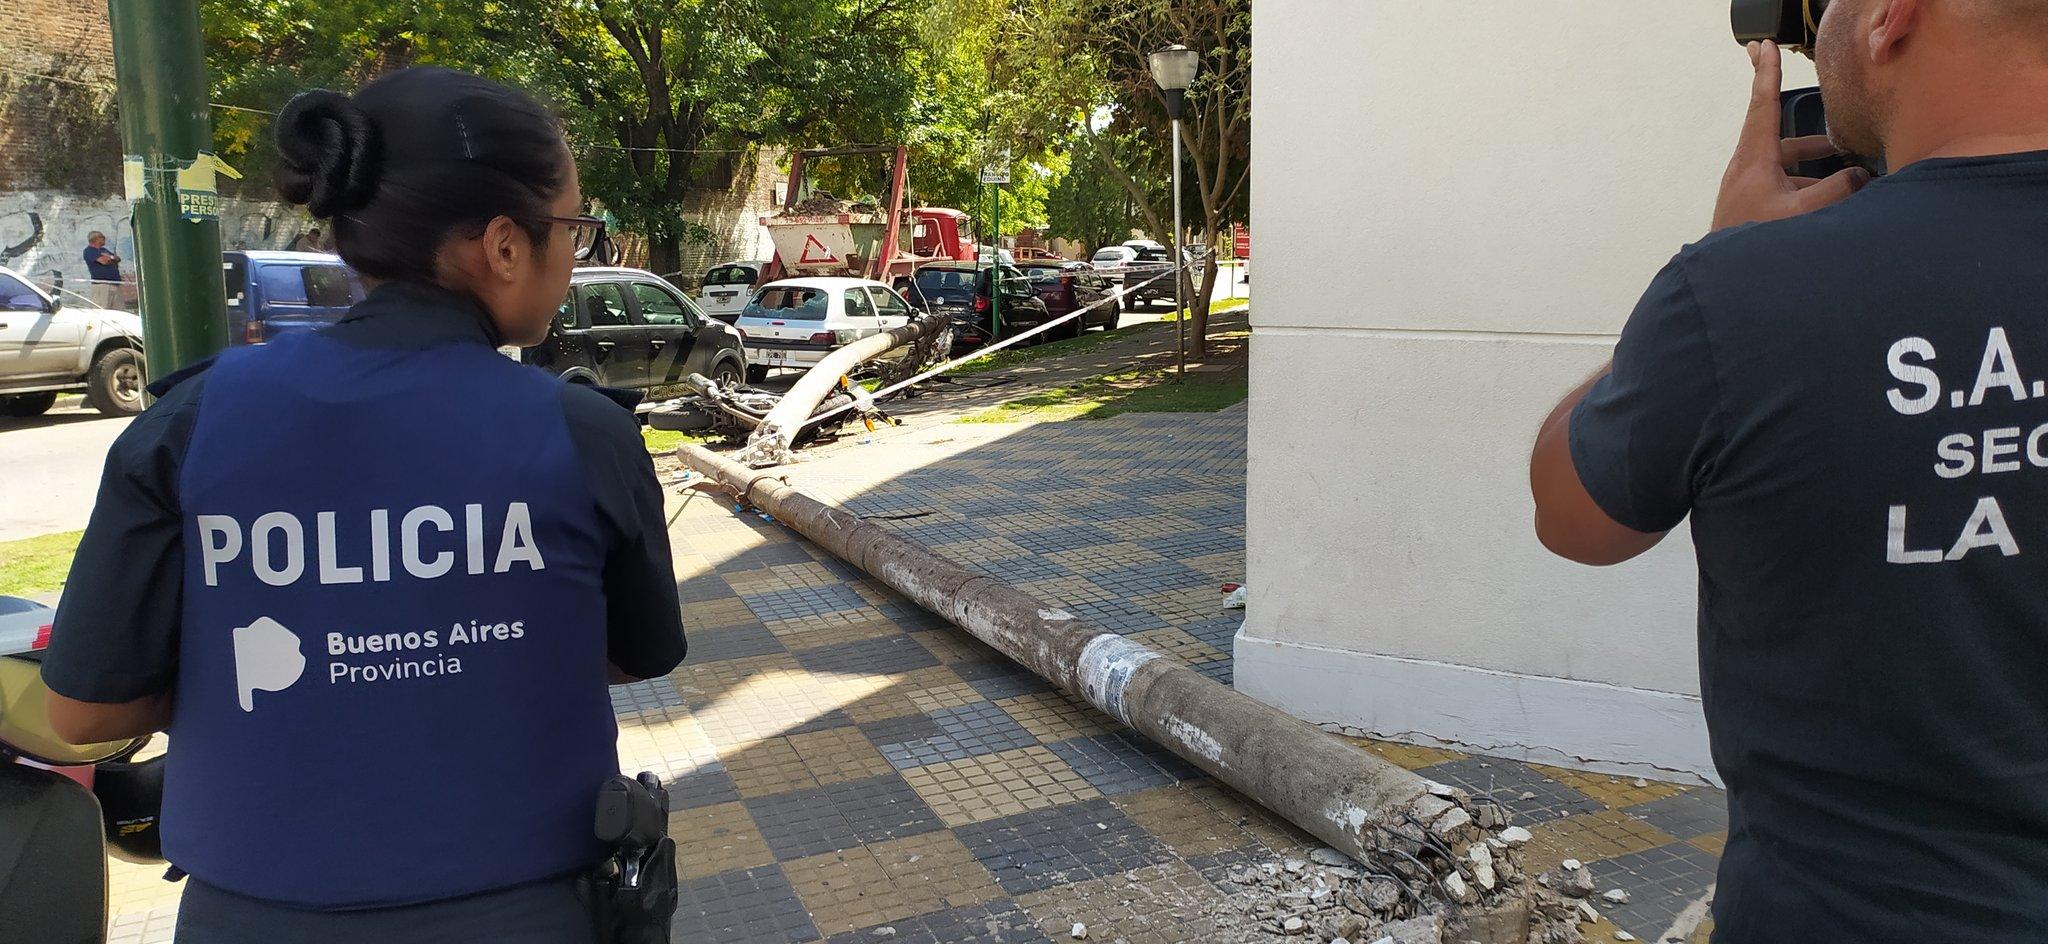 En La Plata murió un médico electrocutado luego de un accidente frente a un hospital público